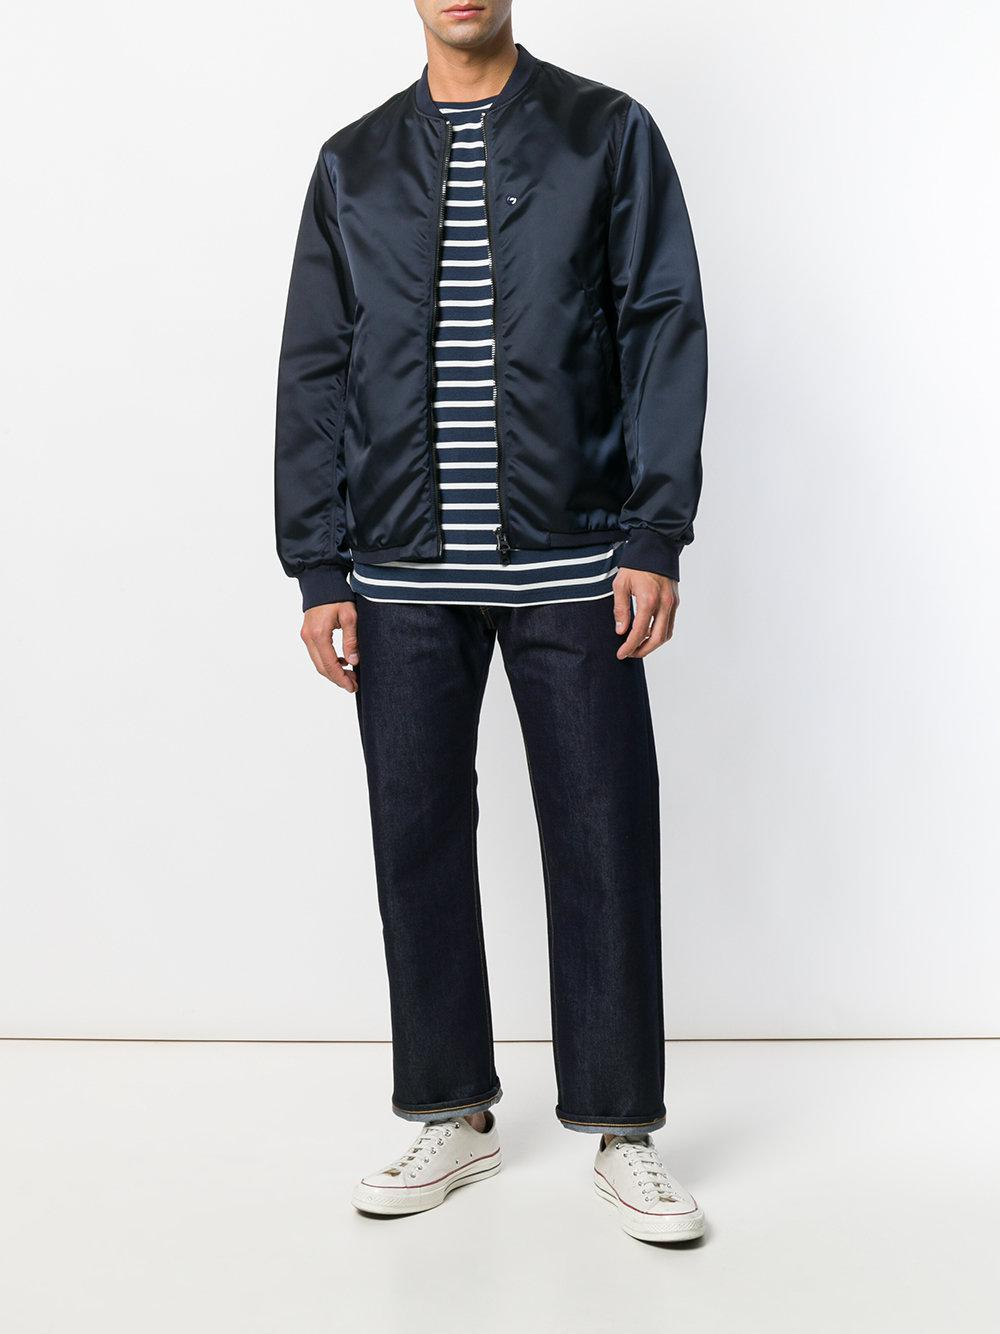 Junya Watanabe Denim Straight-leg Jeans in Blue for Men